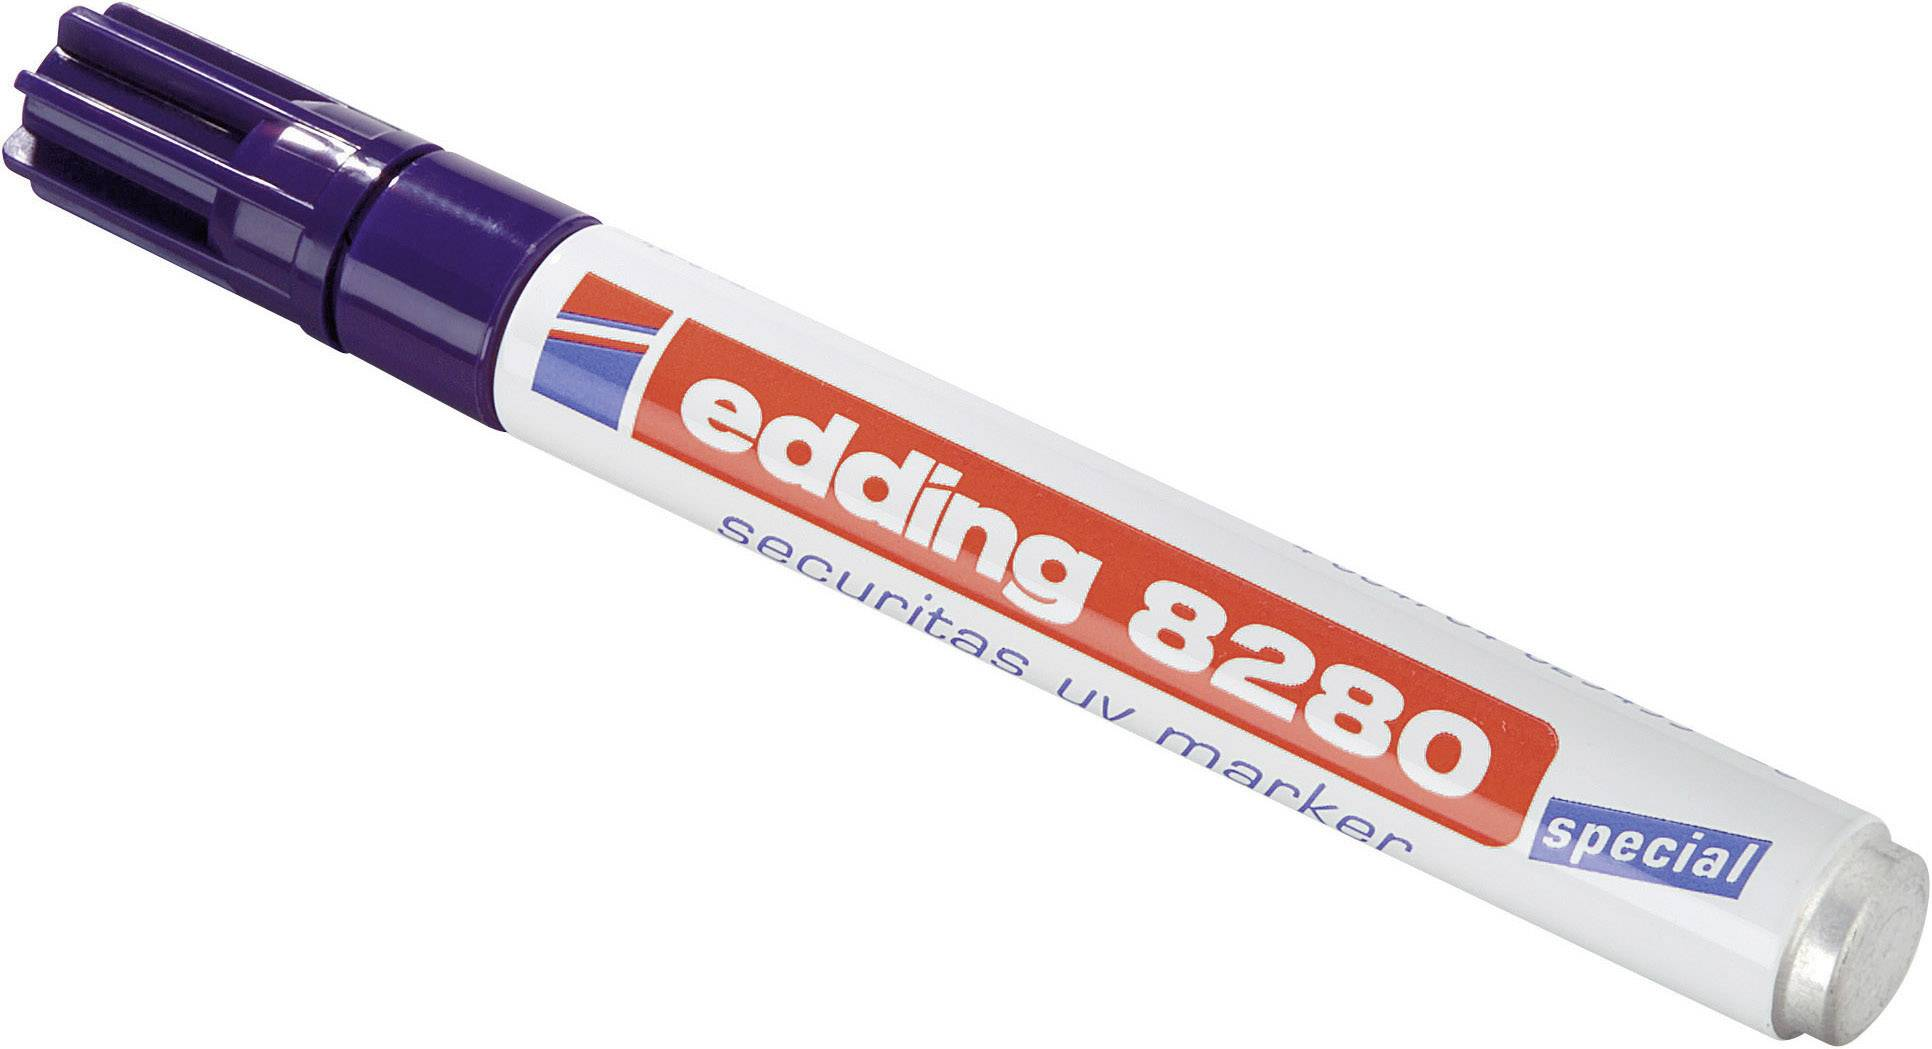 Ultrafialový popisovač edding 8280